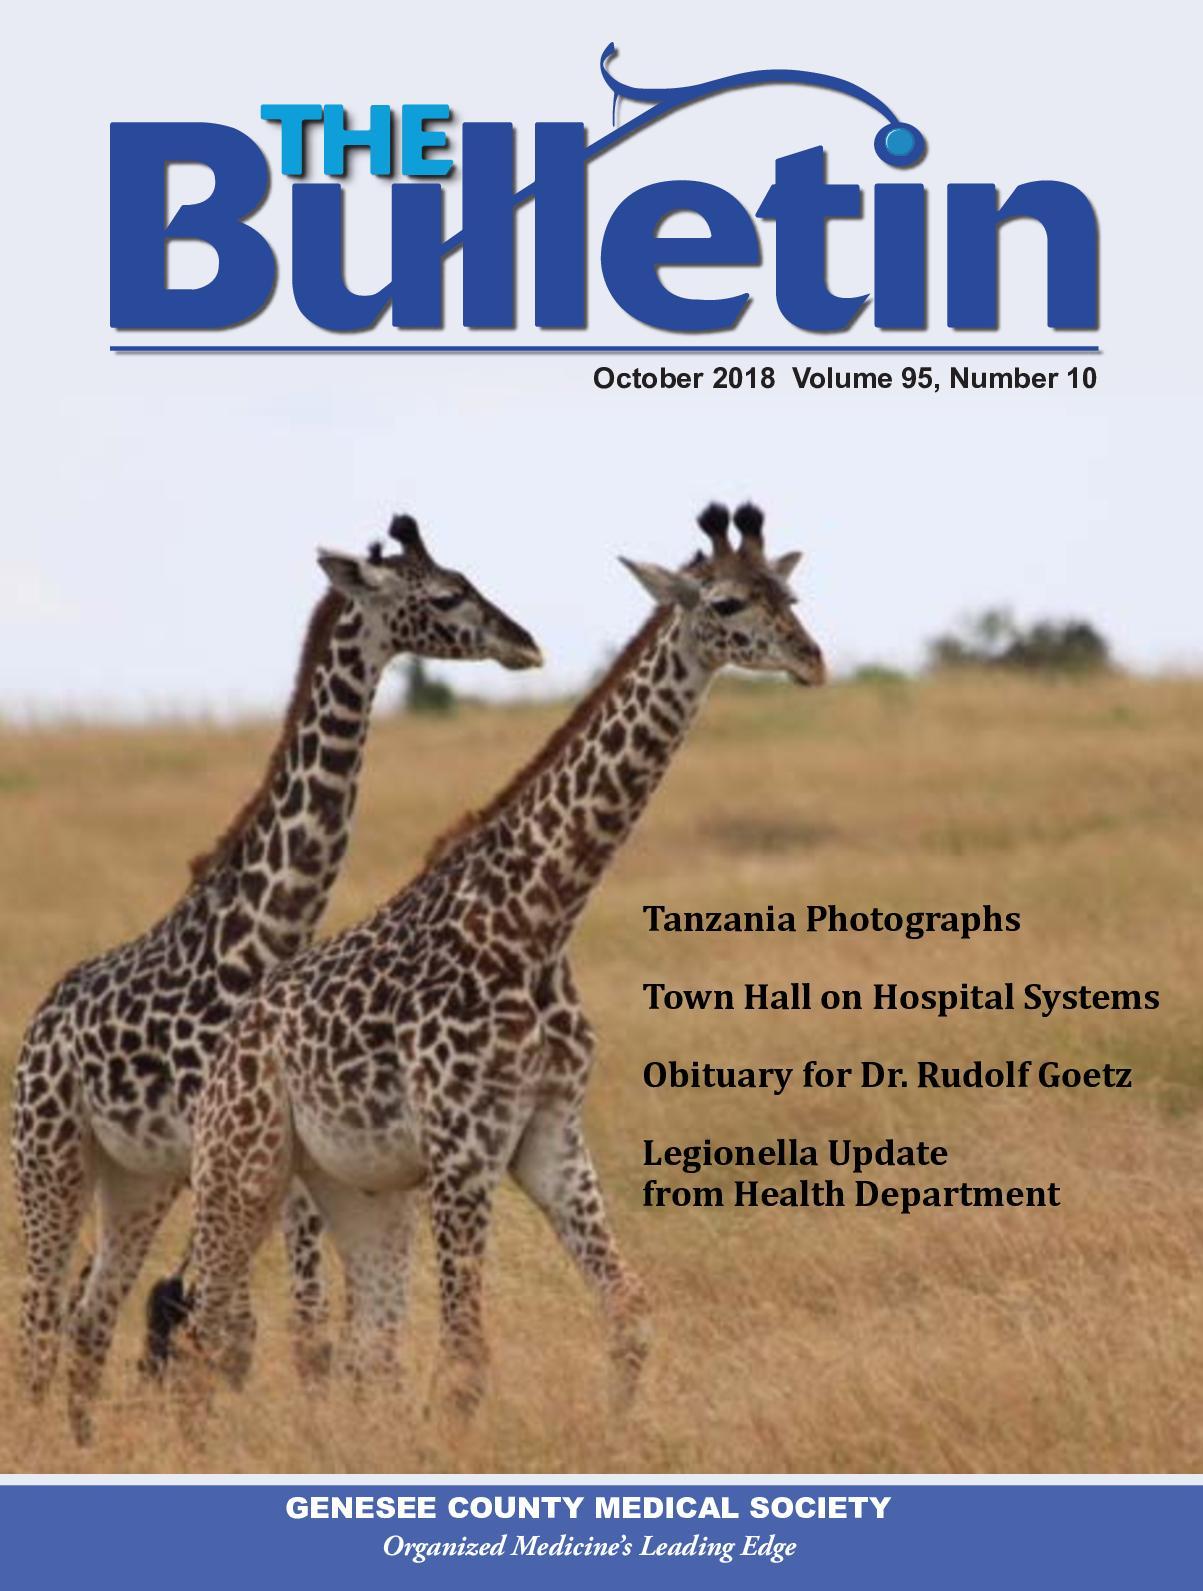 Calaméo - GCMS Bulletin October 2018